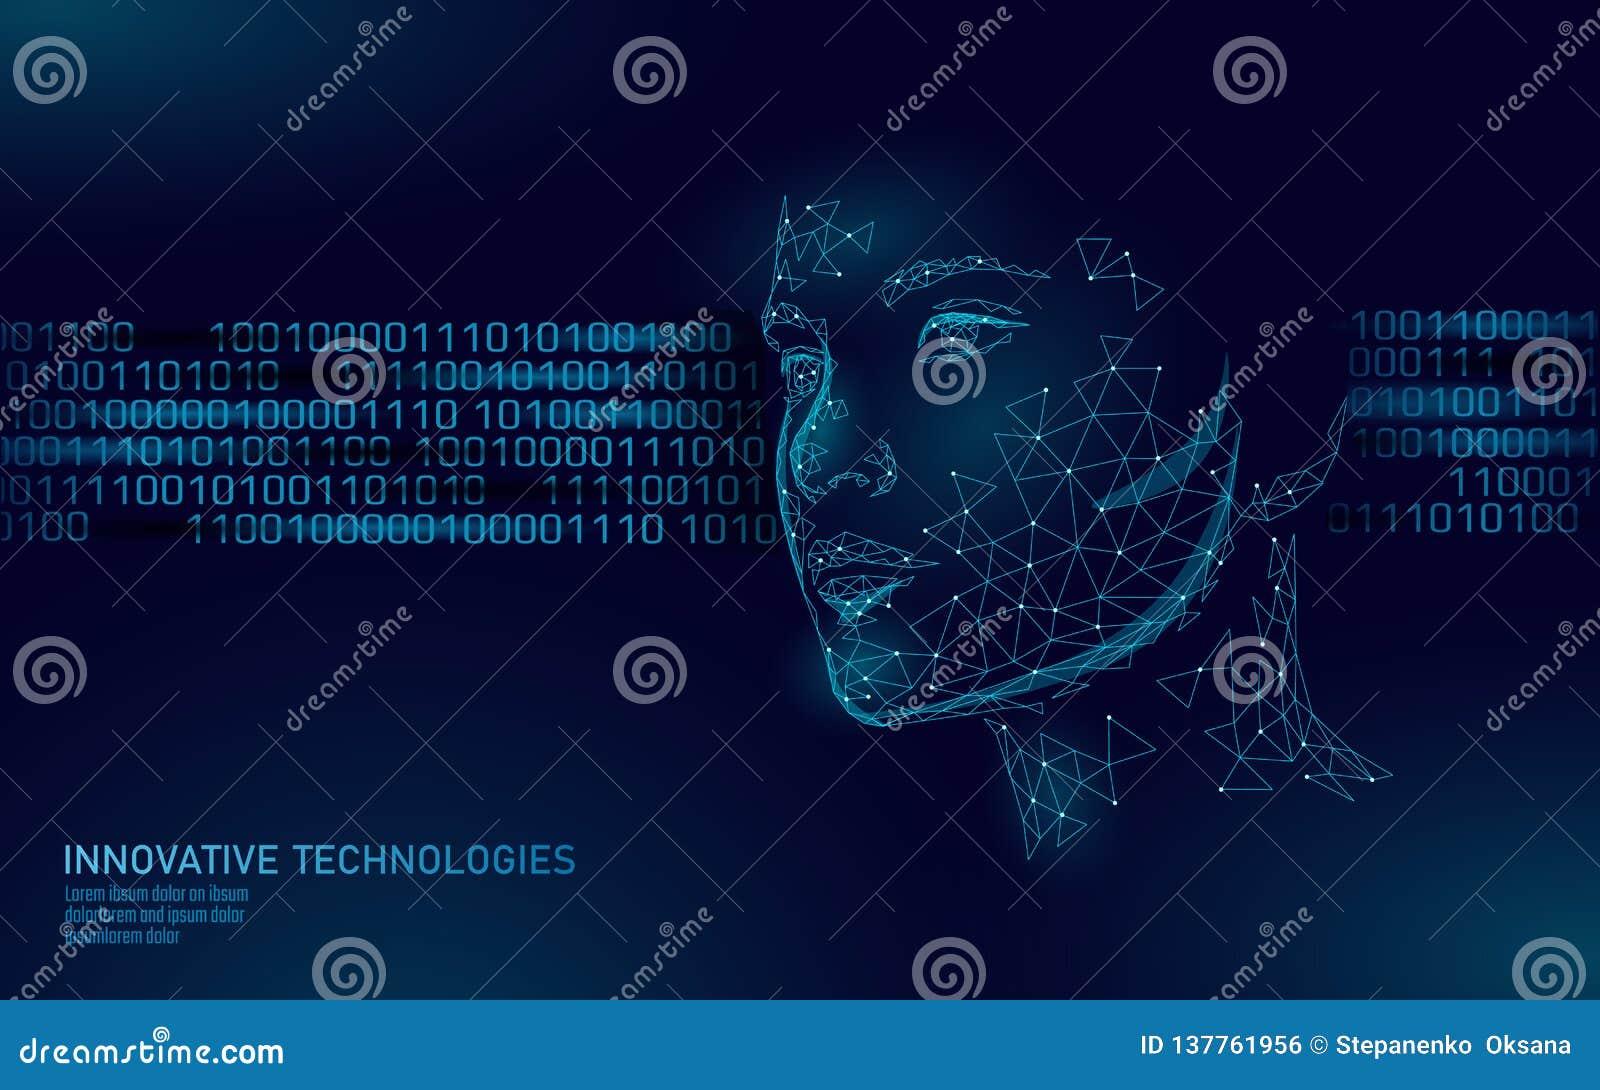 Χαμηλός πολυ θηλυκός βιομετρικός προσδιορισμός ανθρώπινου προσώπου Έννοια συστημάτων αναγνώρισης Τα προσωπικά στοιχεία εξασφαλίζο